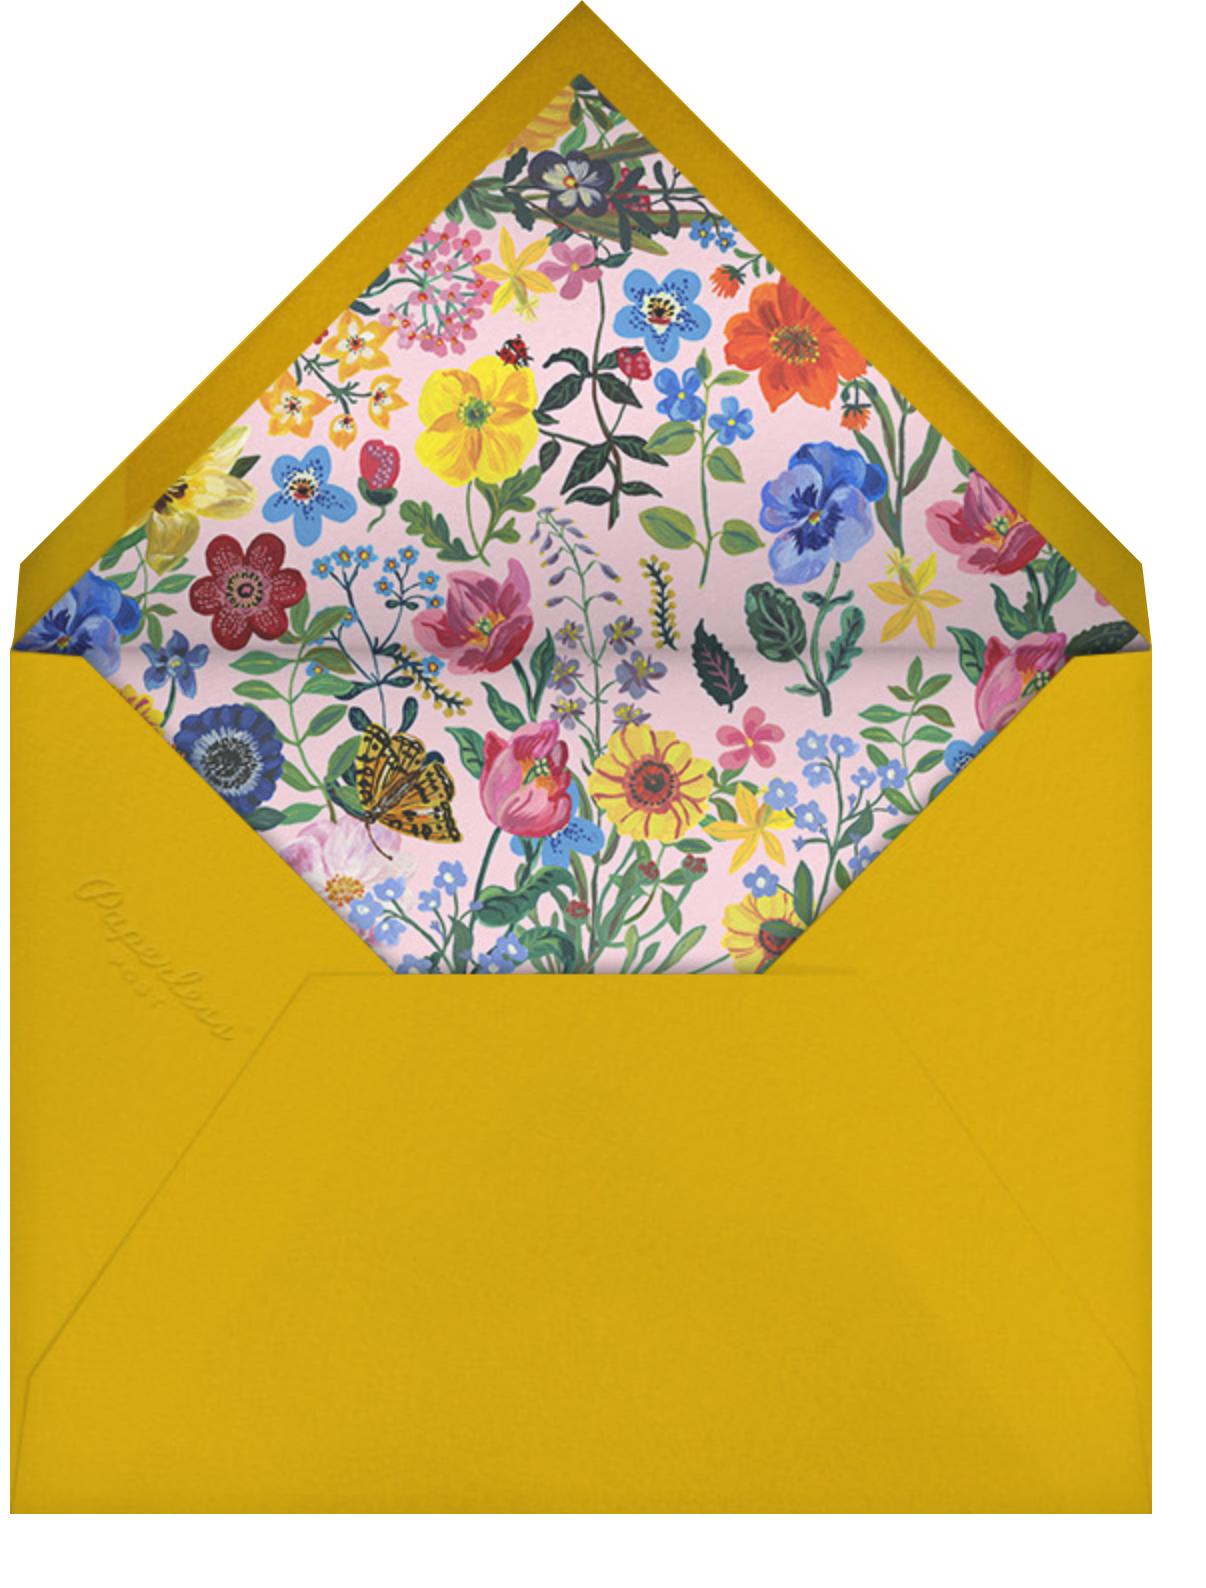 Jardin de Rêves - White - Nathalie Lété - Bridal shower - envelope back